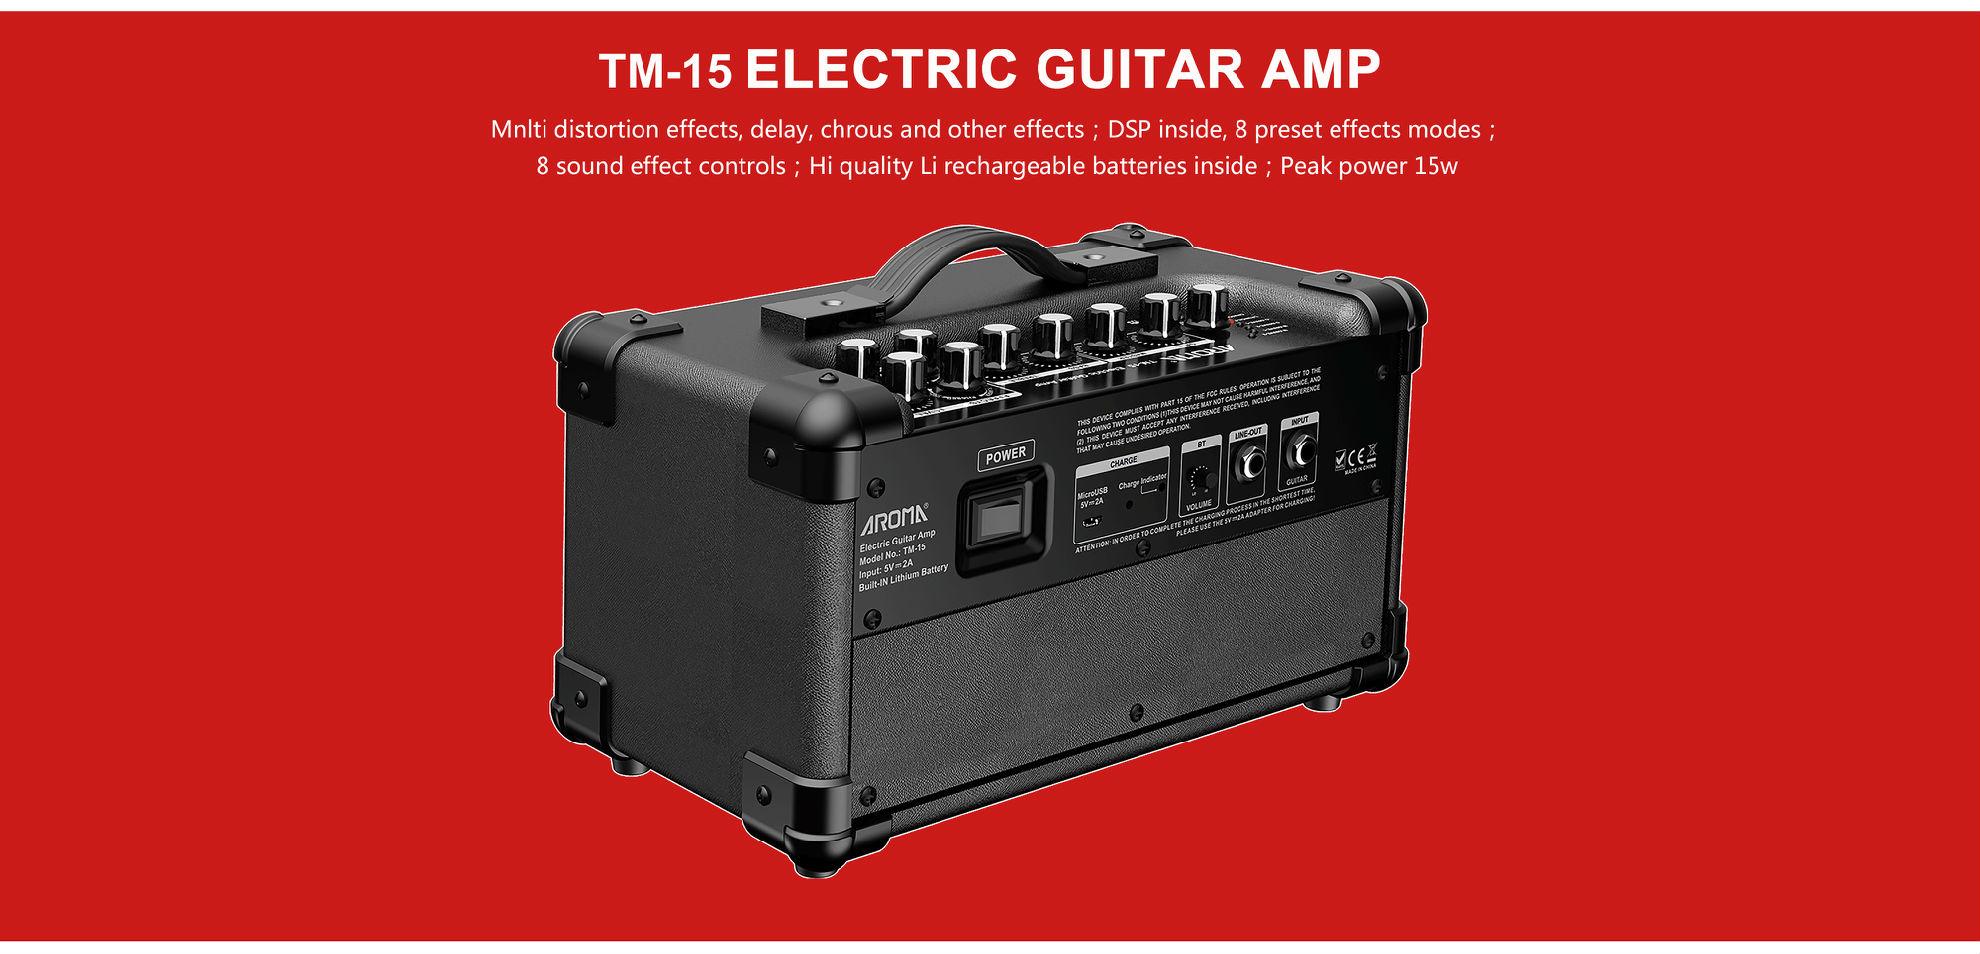 AMPLY GUITAR ĐIỆN AROMA TM-15. Nhạc cụ Trung Nguyên|Chuyên Nhạc cụ